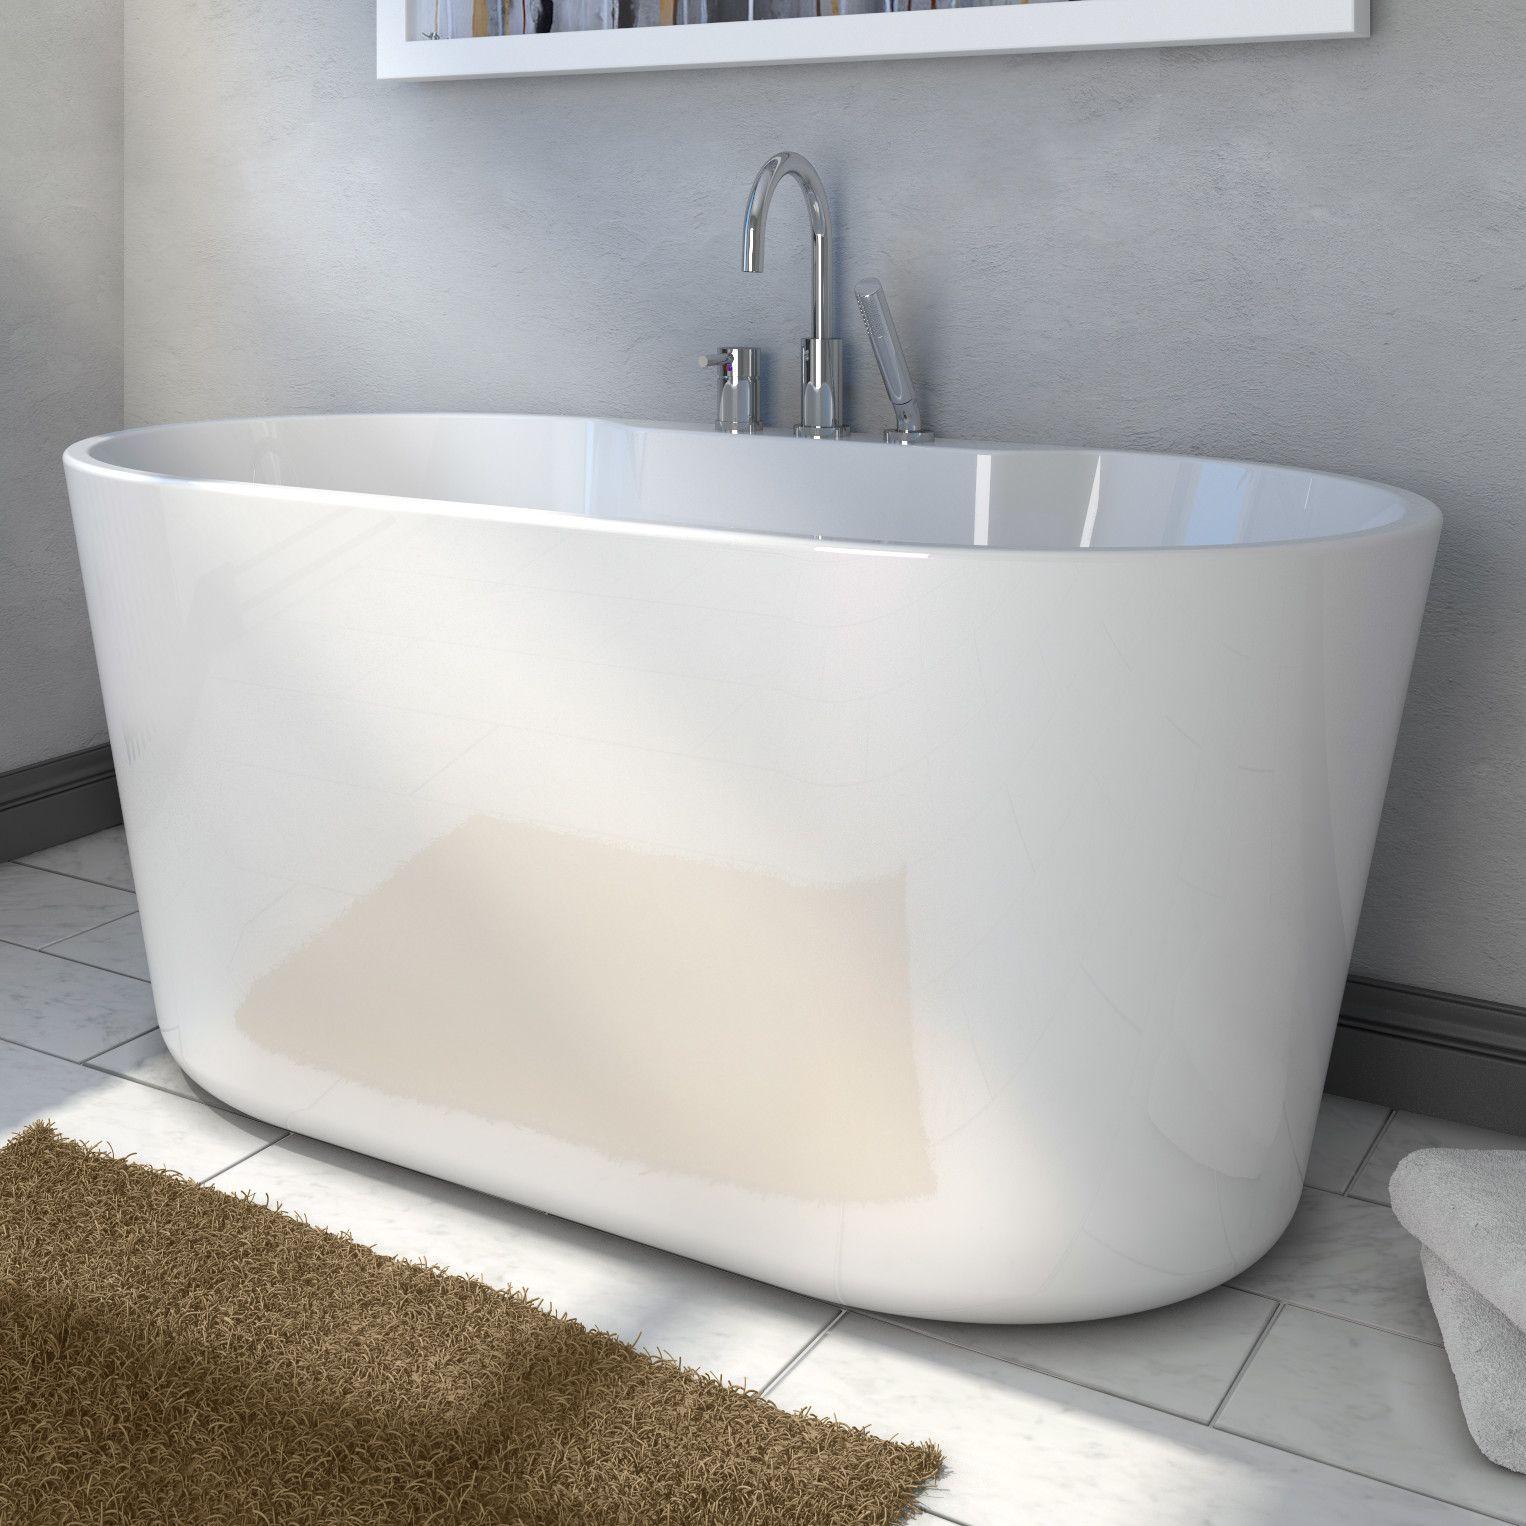 56 X 31 Freestanding Soaking Bathtub Soaking Bathtubs Free Standing Tub Bathtub